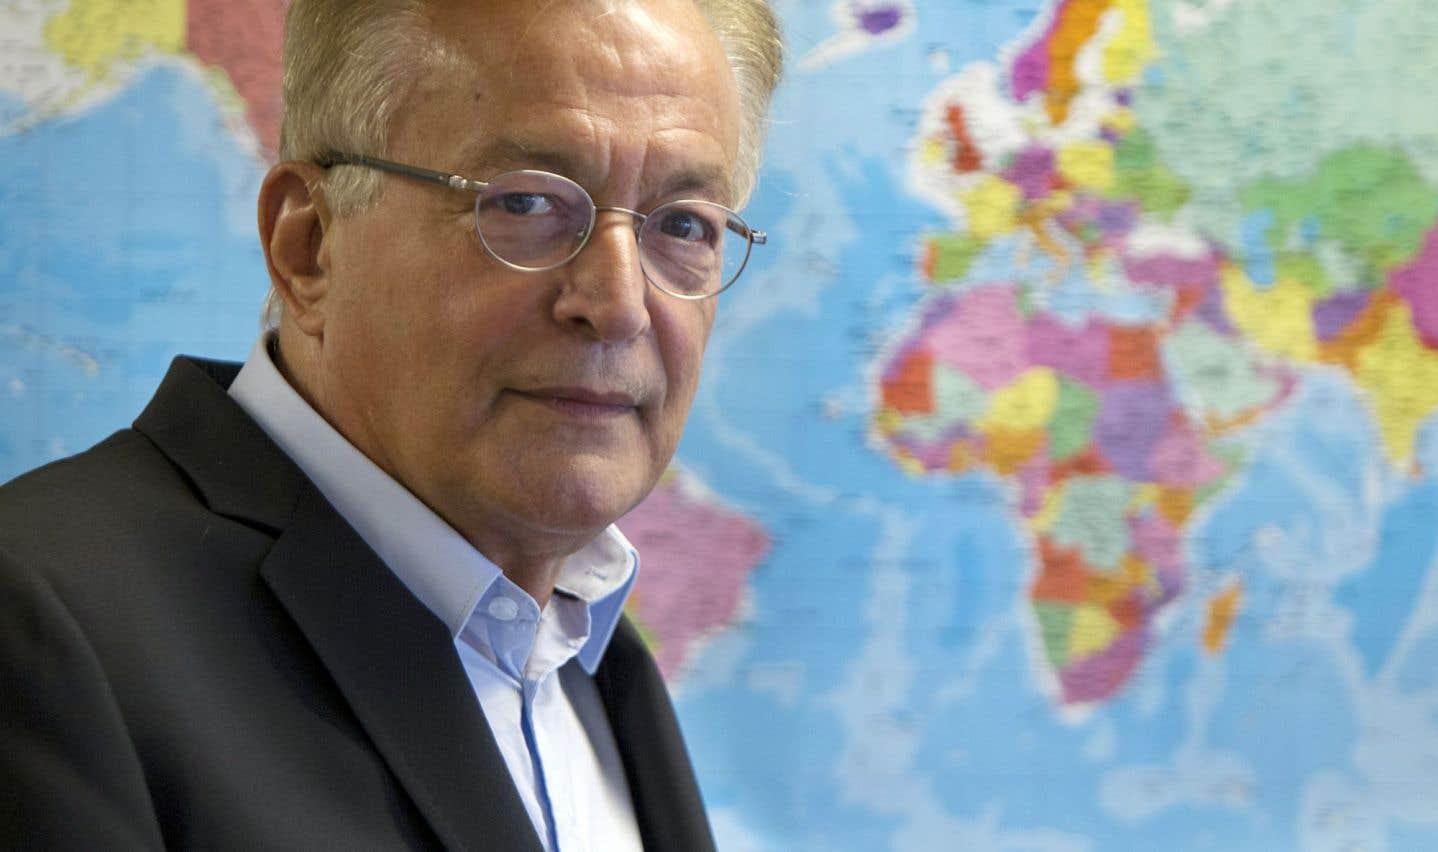 Le directeur de l'Observatoire mondial des droits de l'homme et secrétaire général de l'Agence internationale de la Francophonie de 1981 à 1986, Jean-Louis Roy